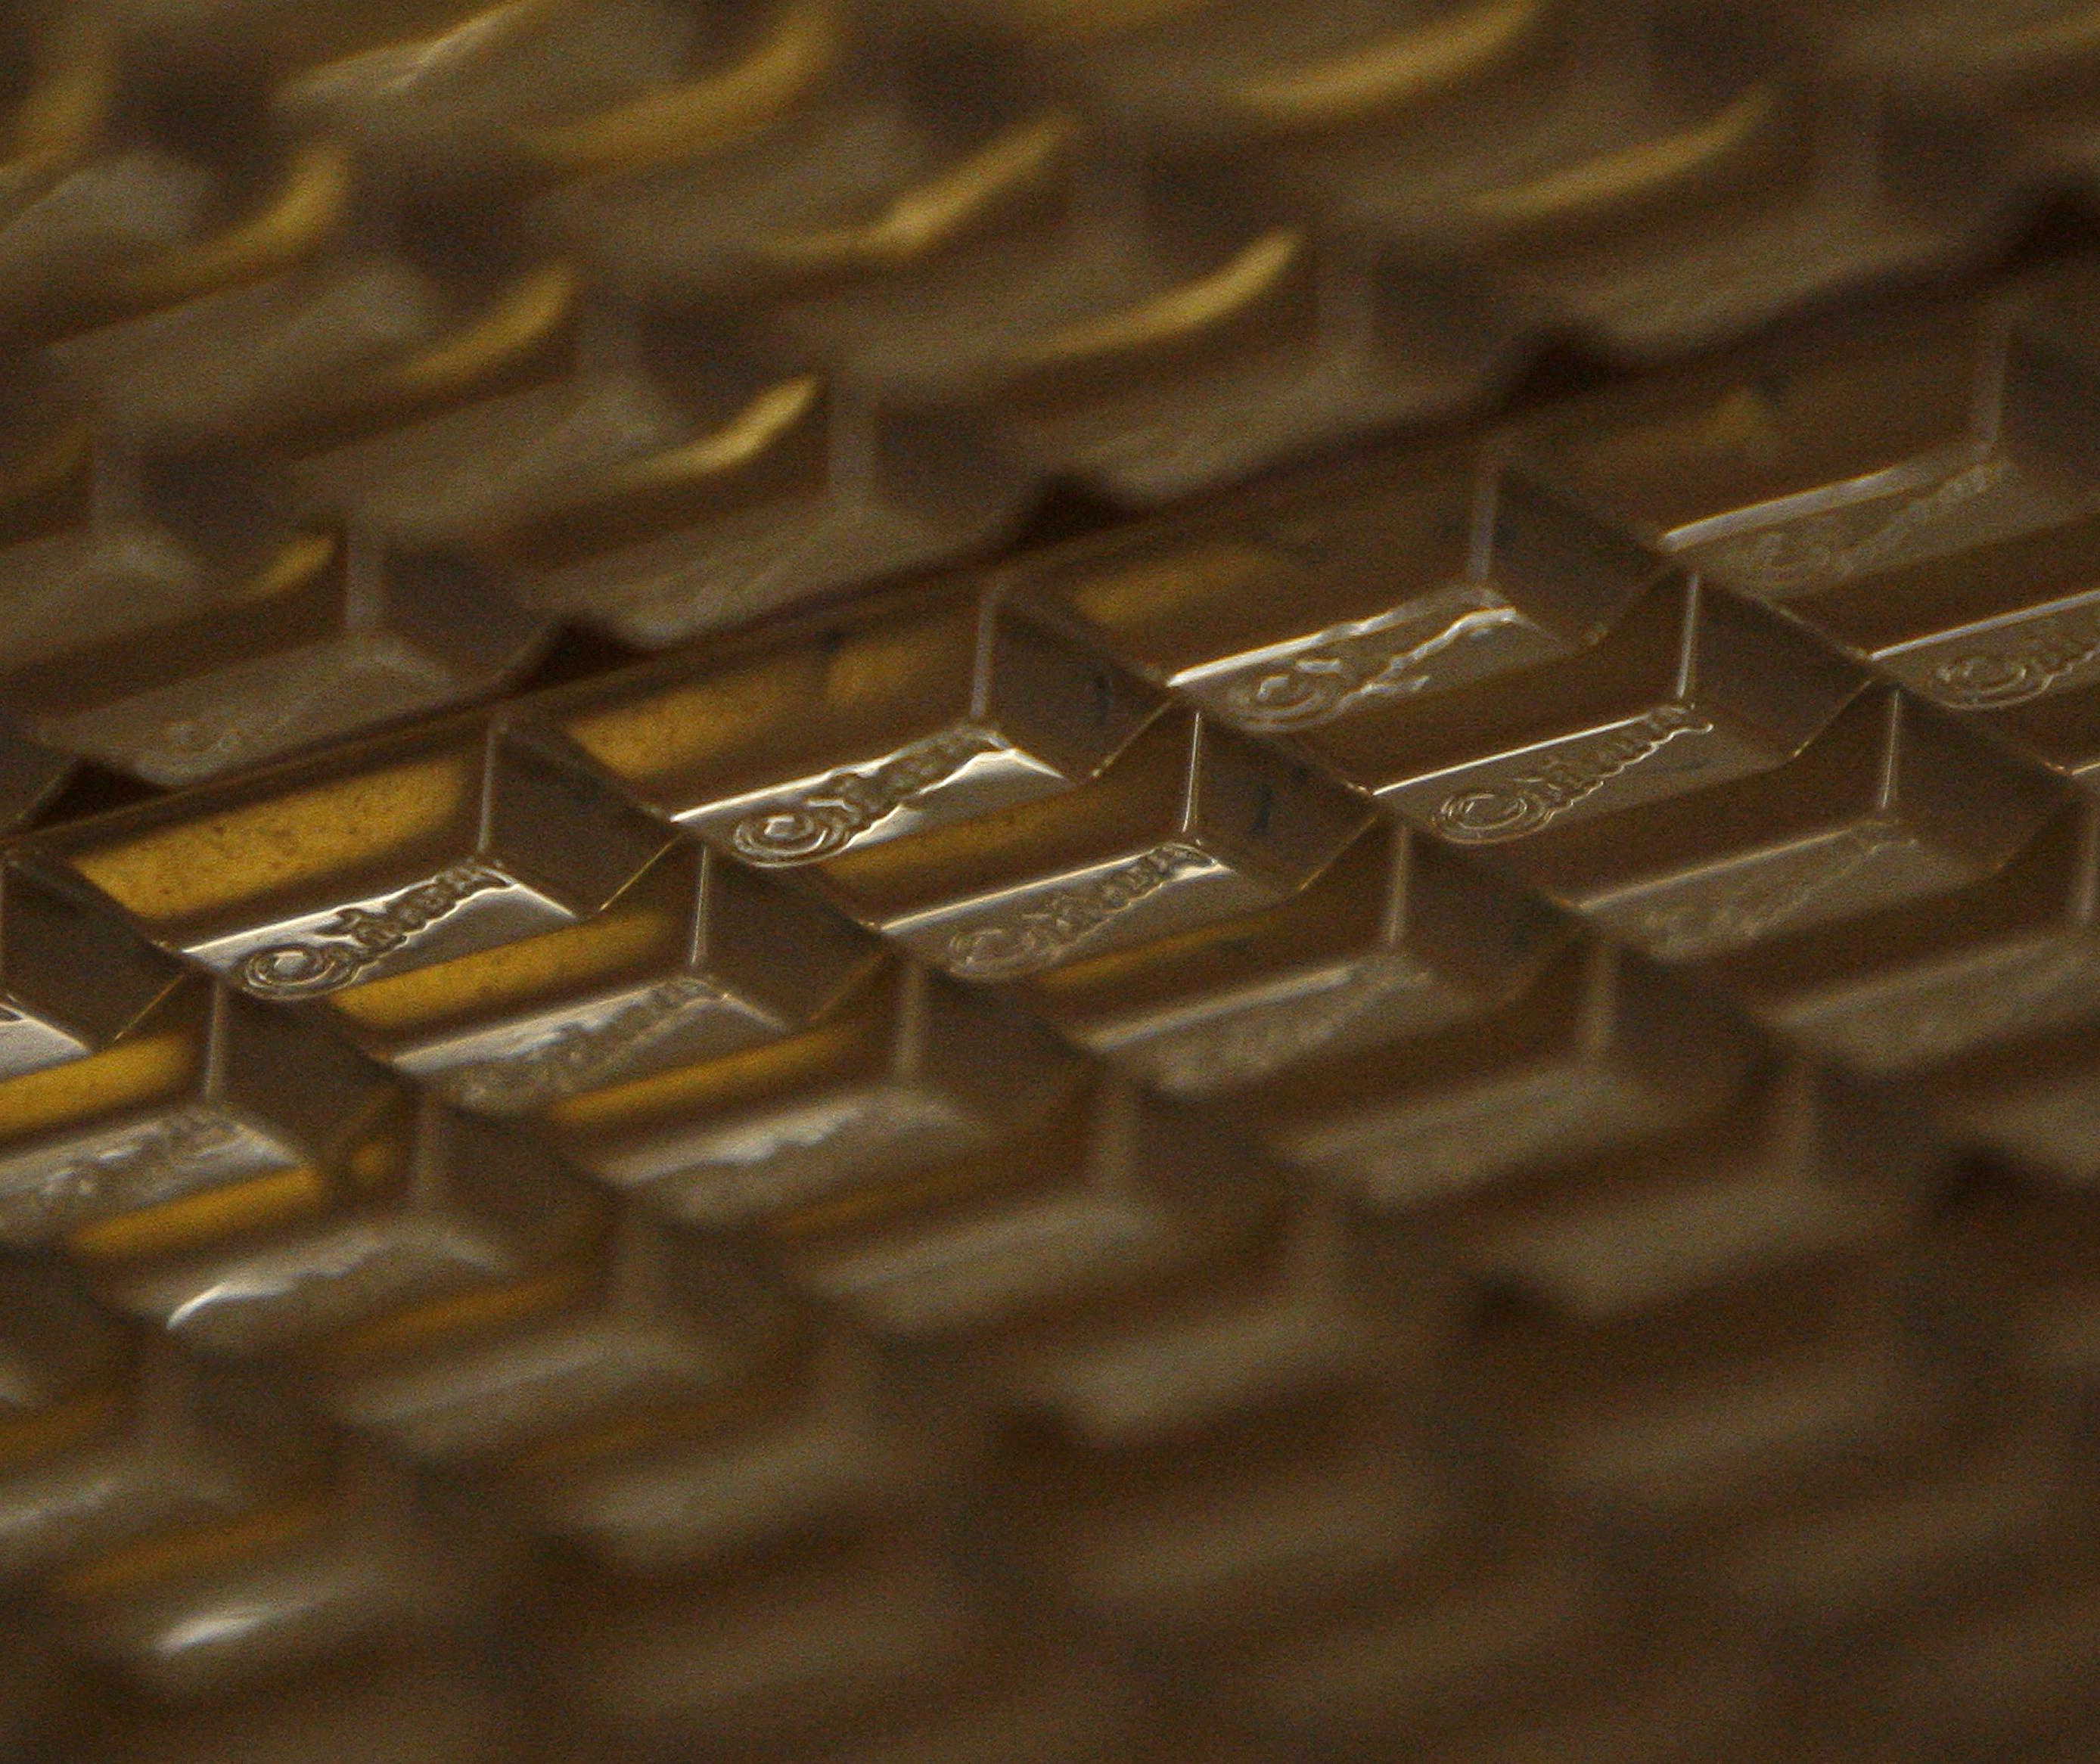 מחקר חדש שקובע ששוקולד, קפאין ותה מאריכים חיים (צילום: רויטרס)